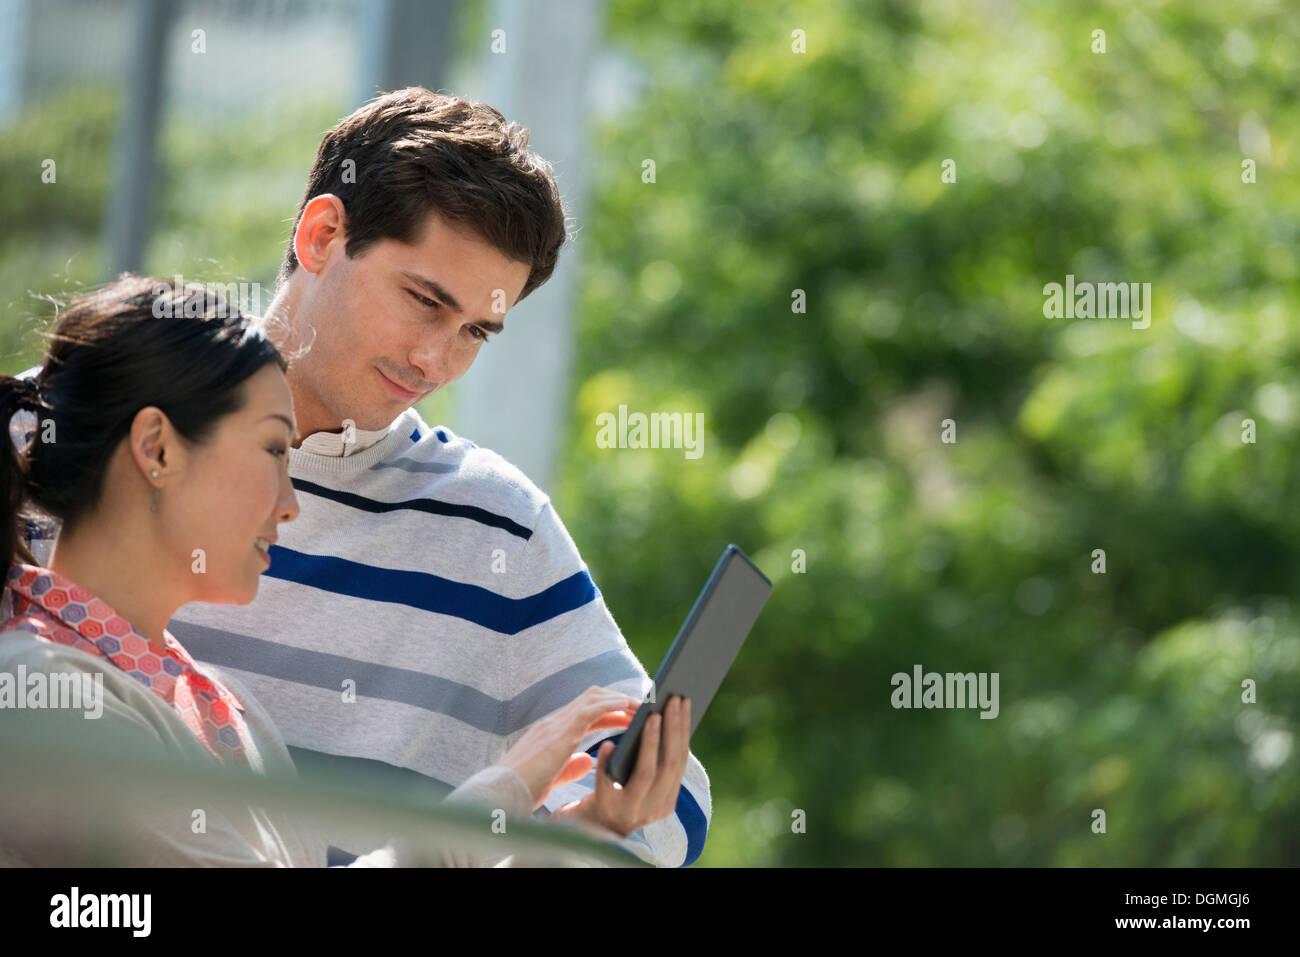 L'été. Les gens d'affaires. Un homme et une femme à l'aide d'une tablette numérique, garder le contact. Banque D'Images